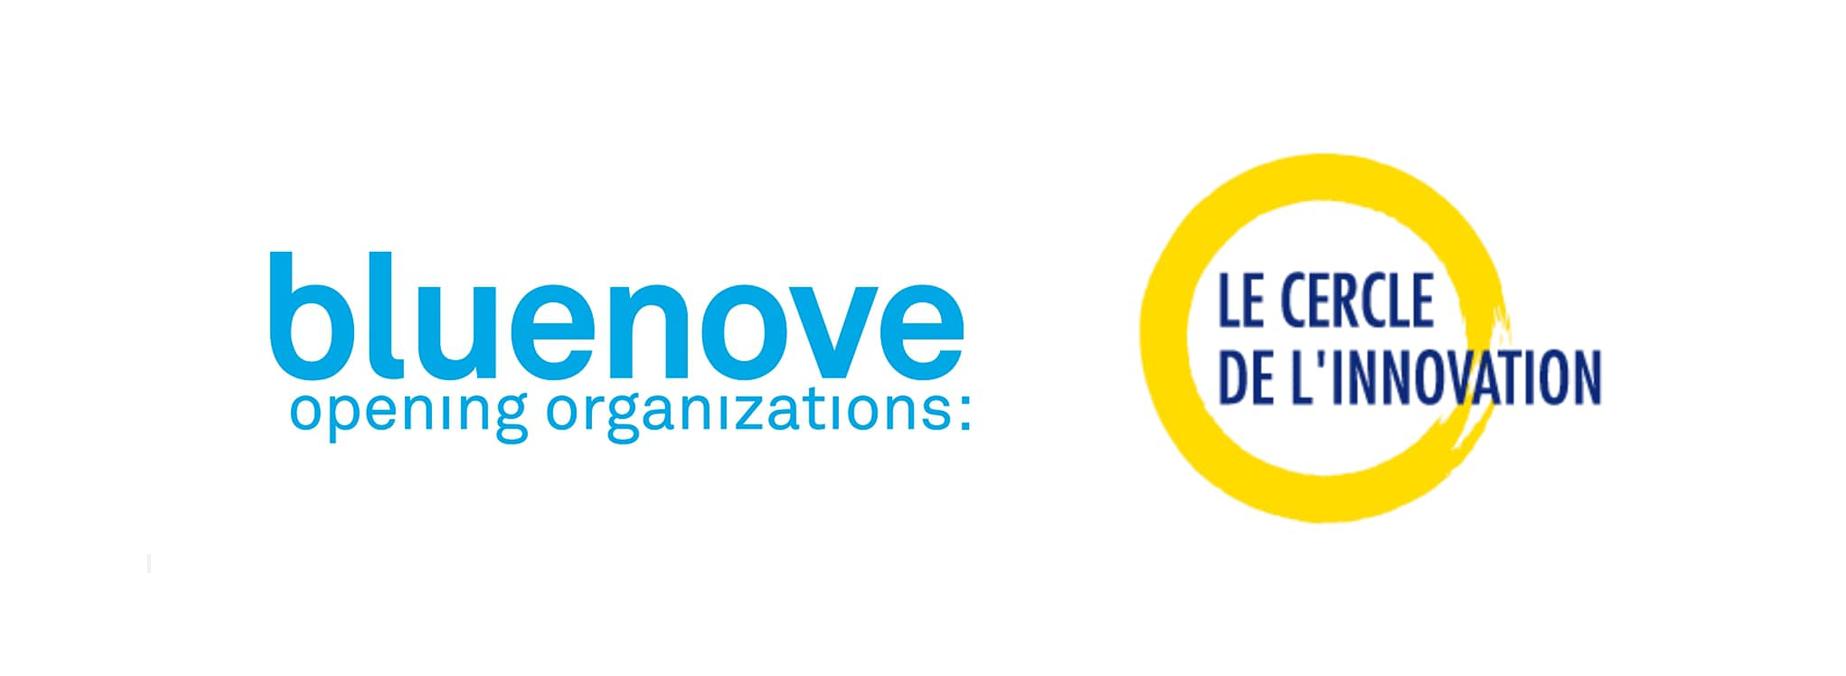 Communiqué de presse : bluenove et le Cercle de l'Innovation concluent un partenariat